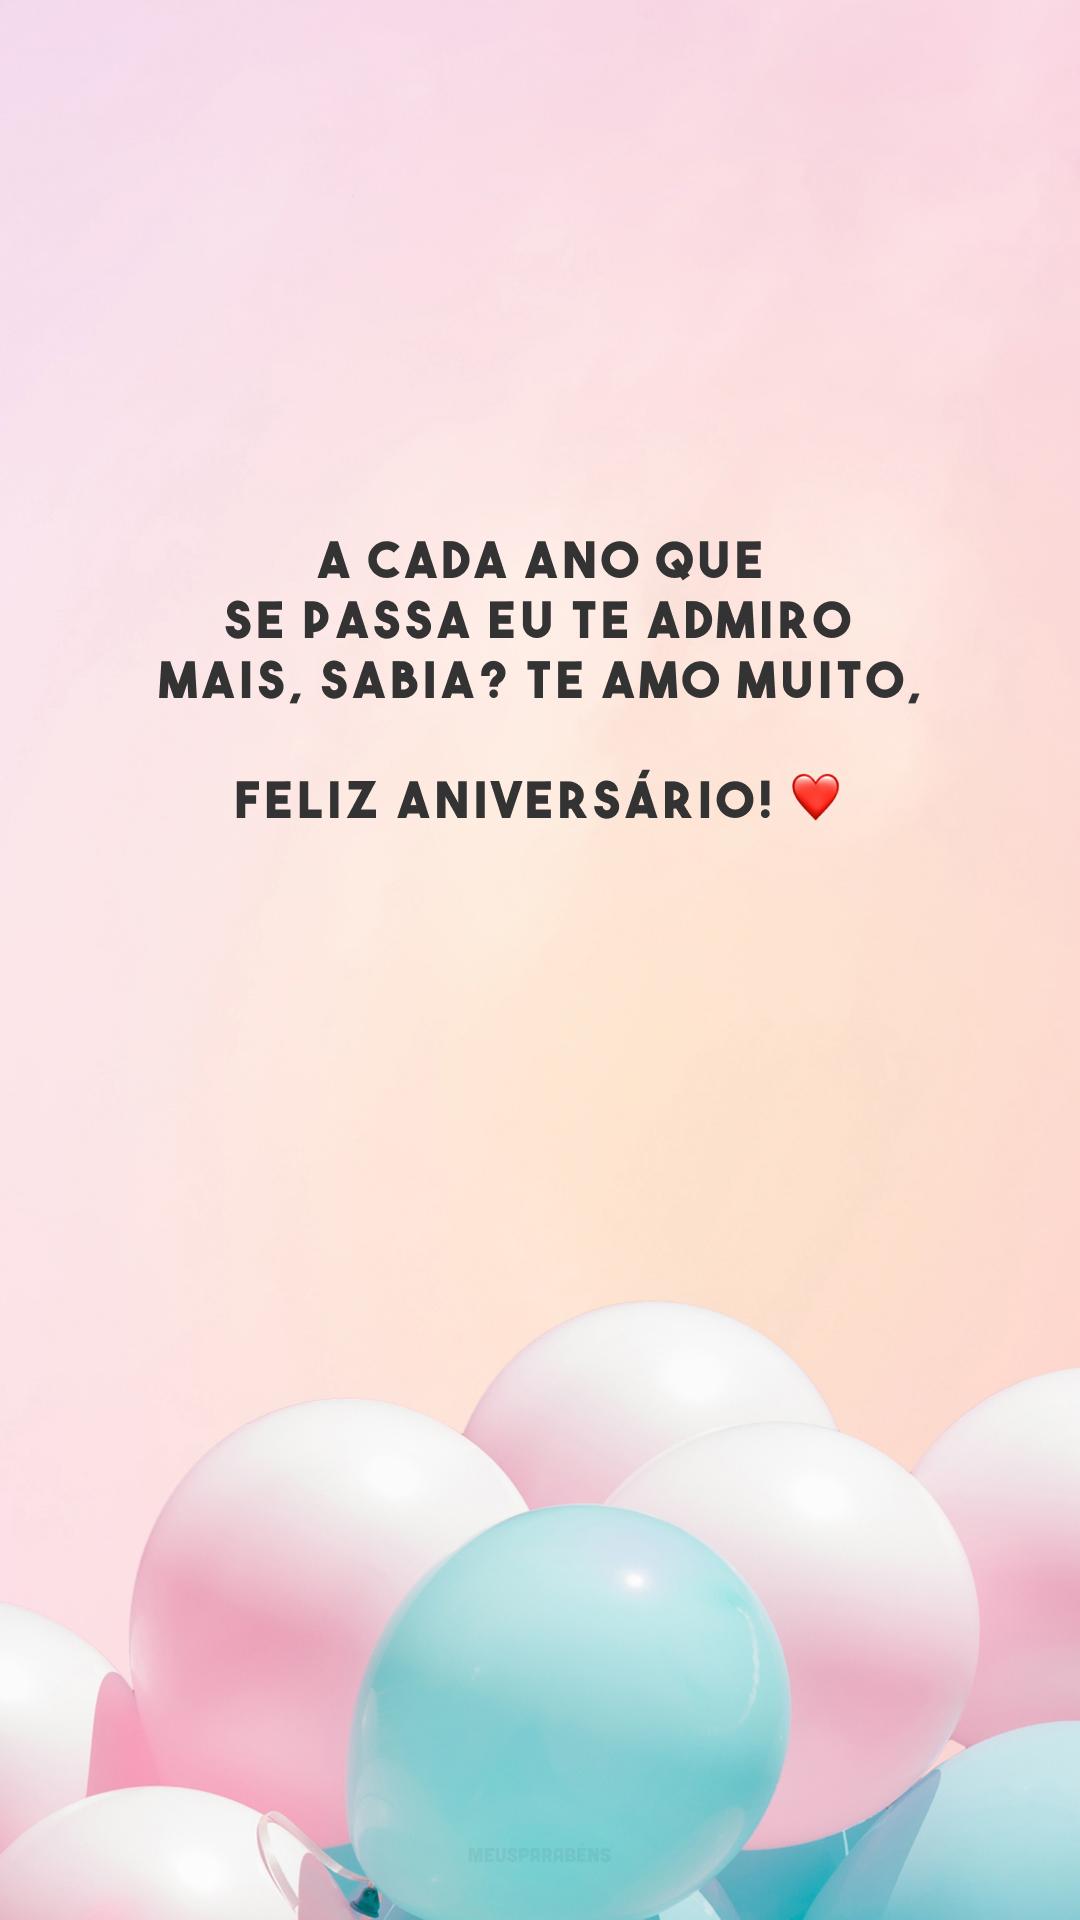 A cada ano que se passa eu te admiro mais, sabia? Te amo muito, feliz aniversário! ❤️